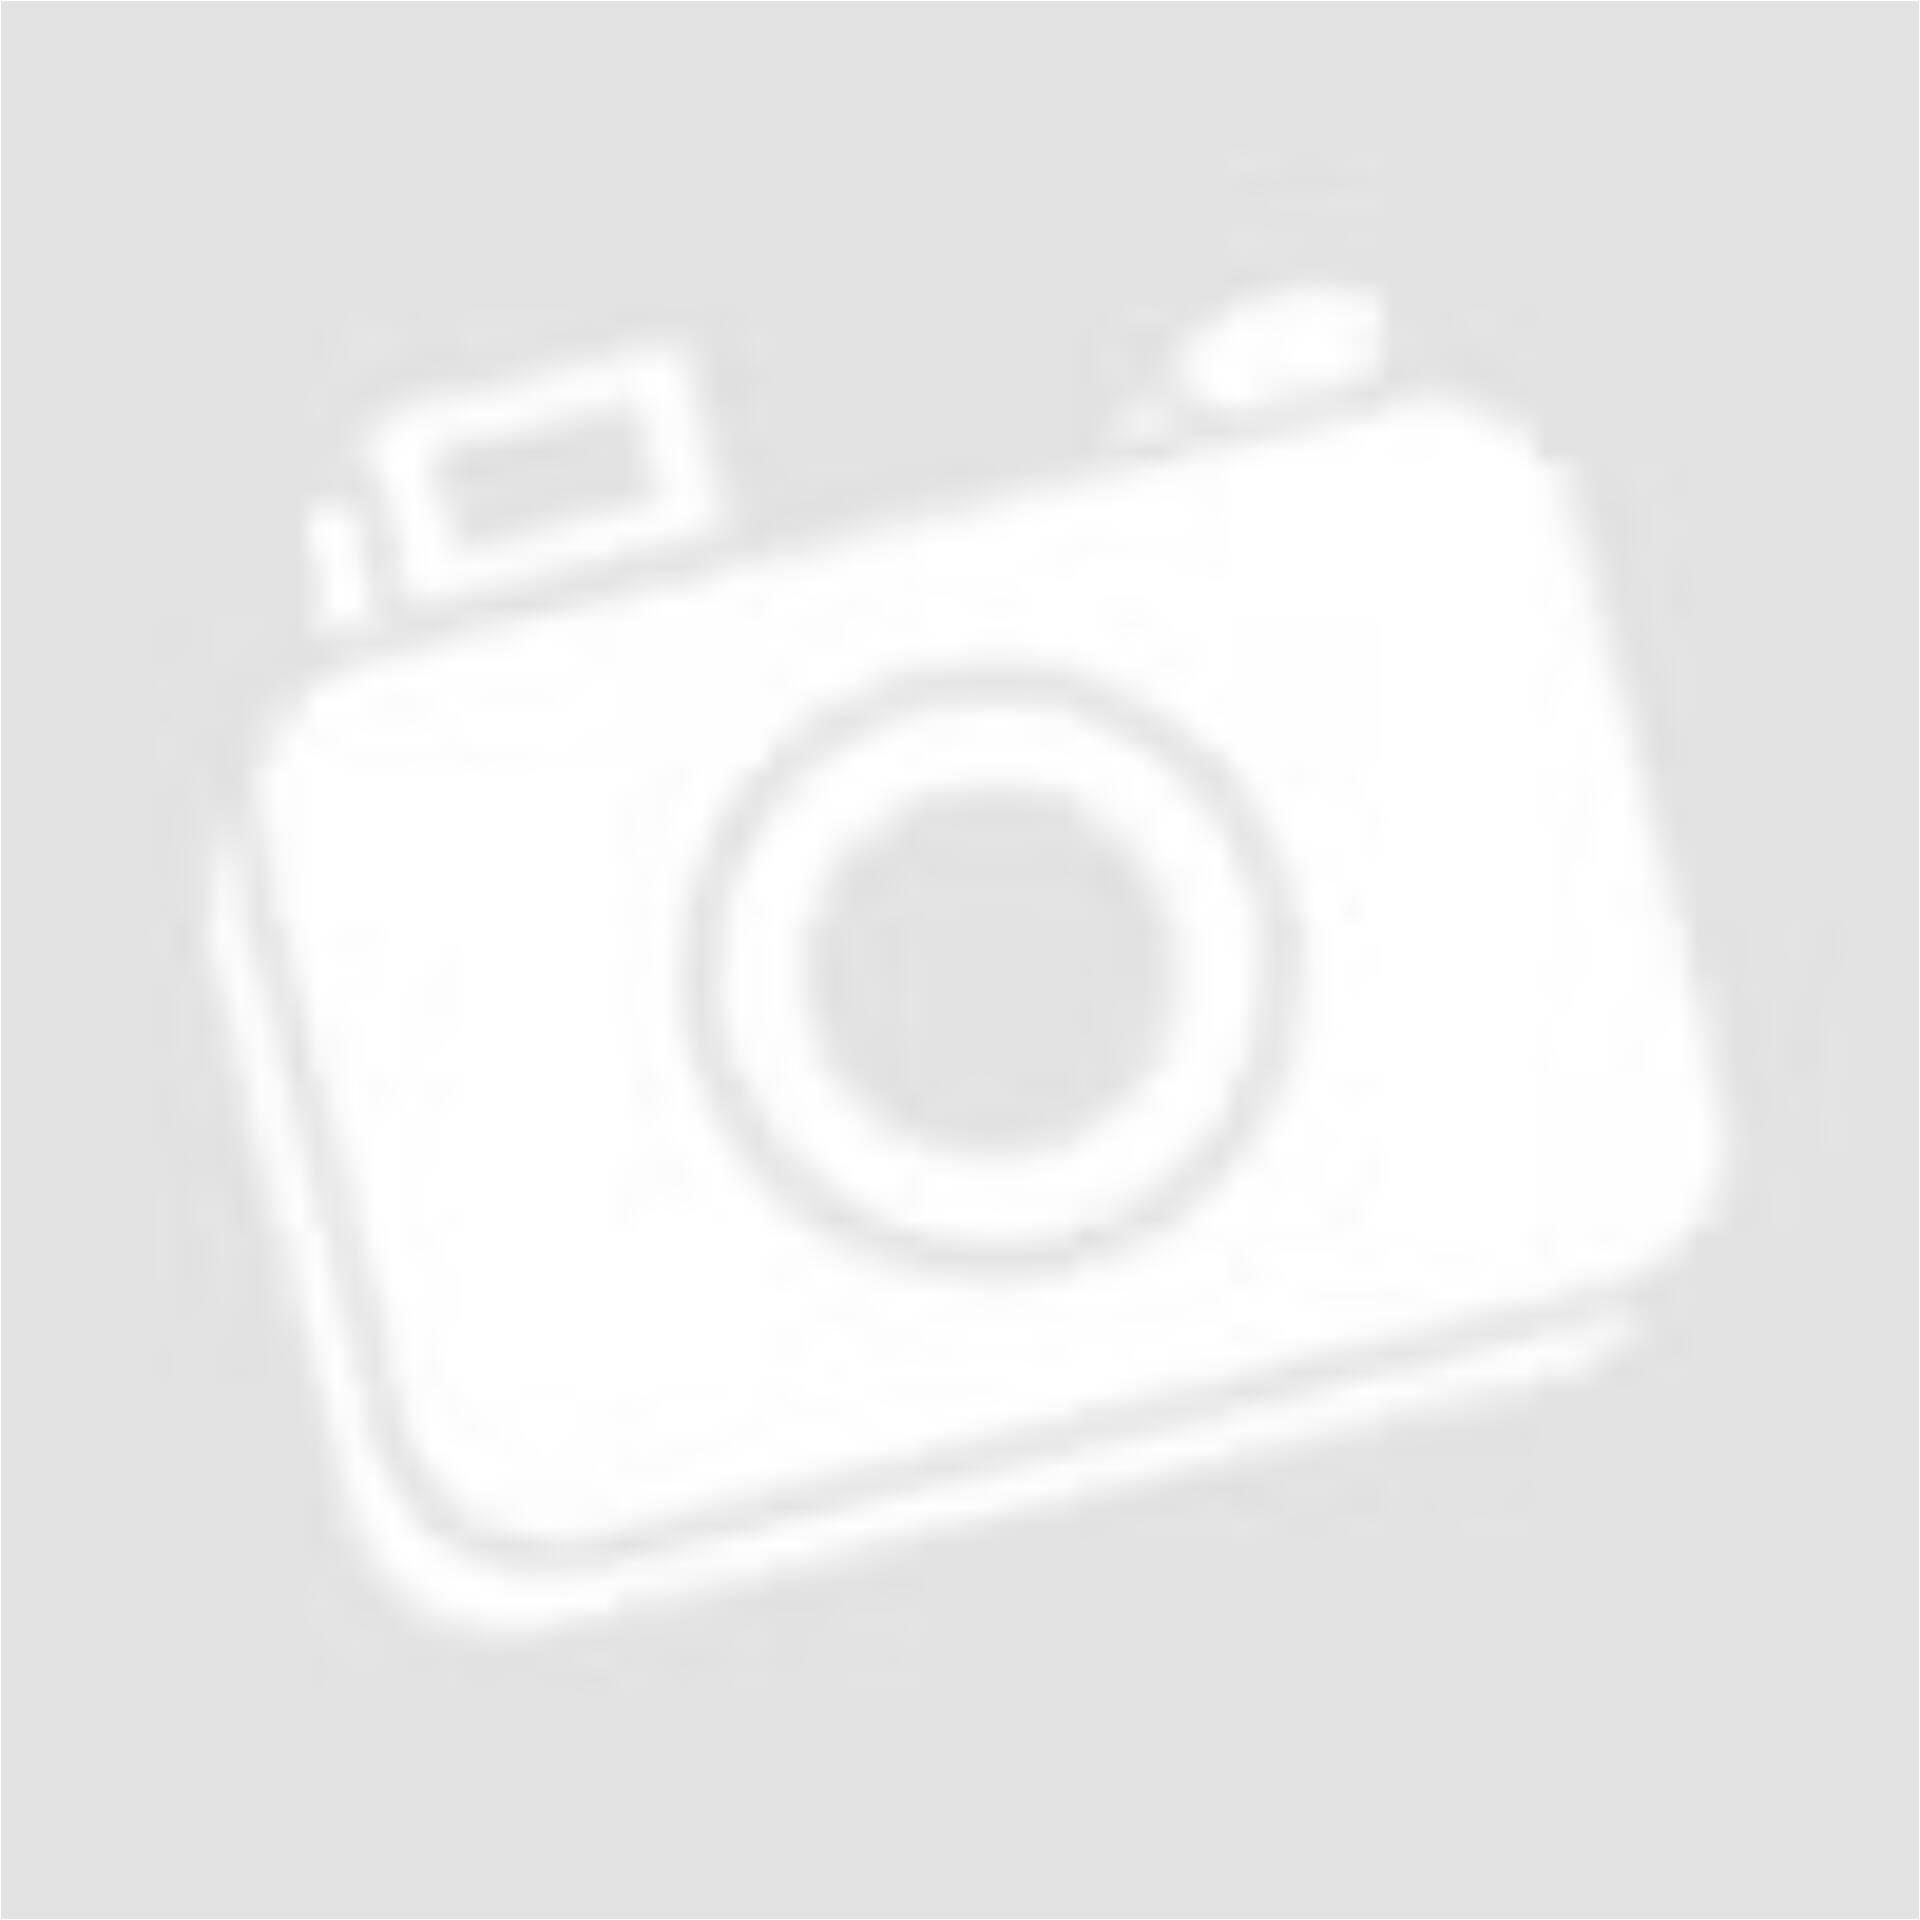 08c9bef851 Kép 1/1 - Rózsaszín , fehér apró szívecskés Young DIMENSION fürdőruha  (Méret: 3 év (98))